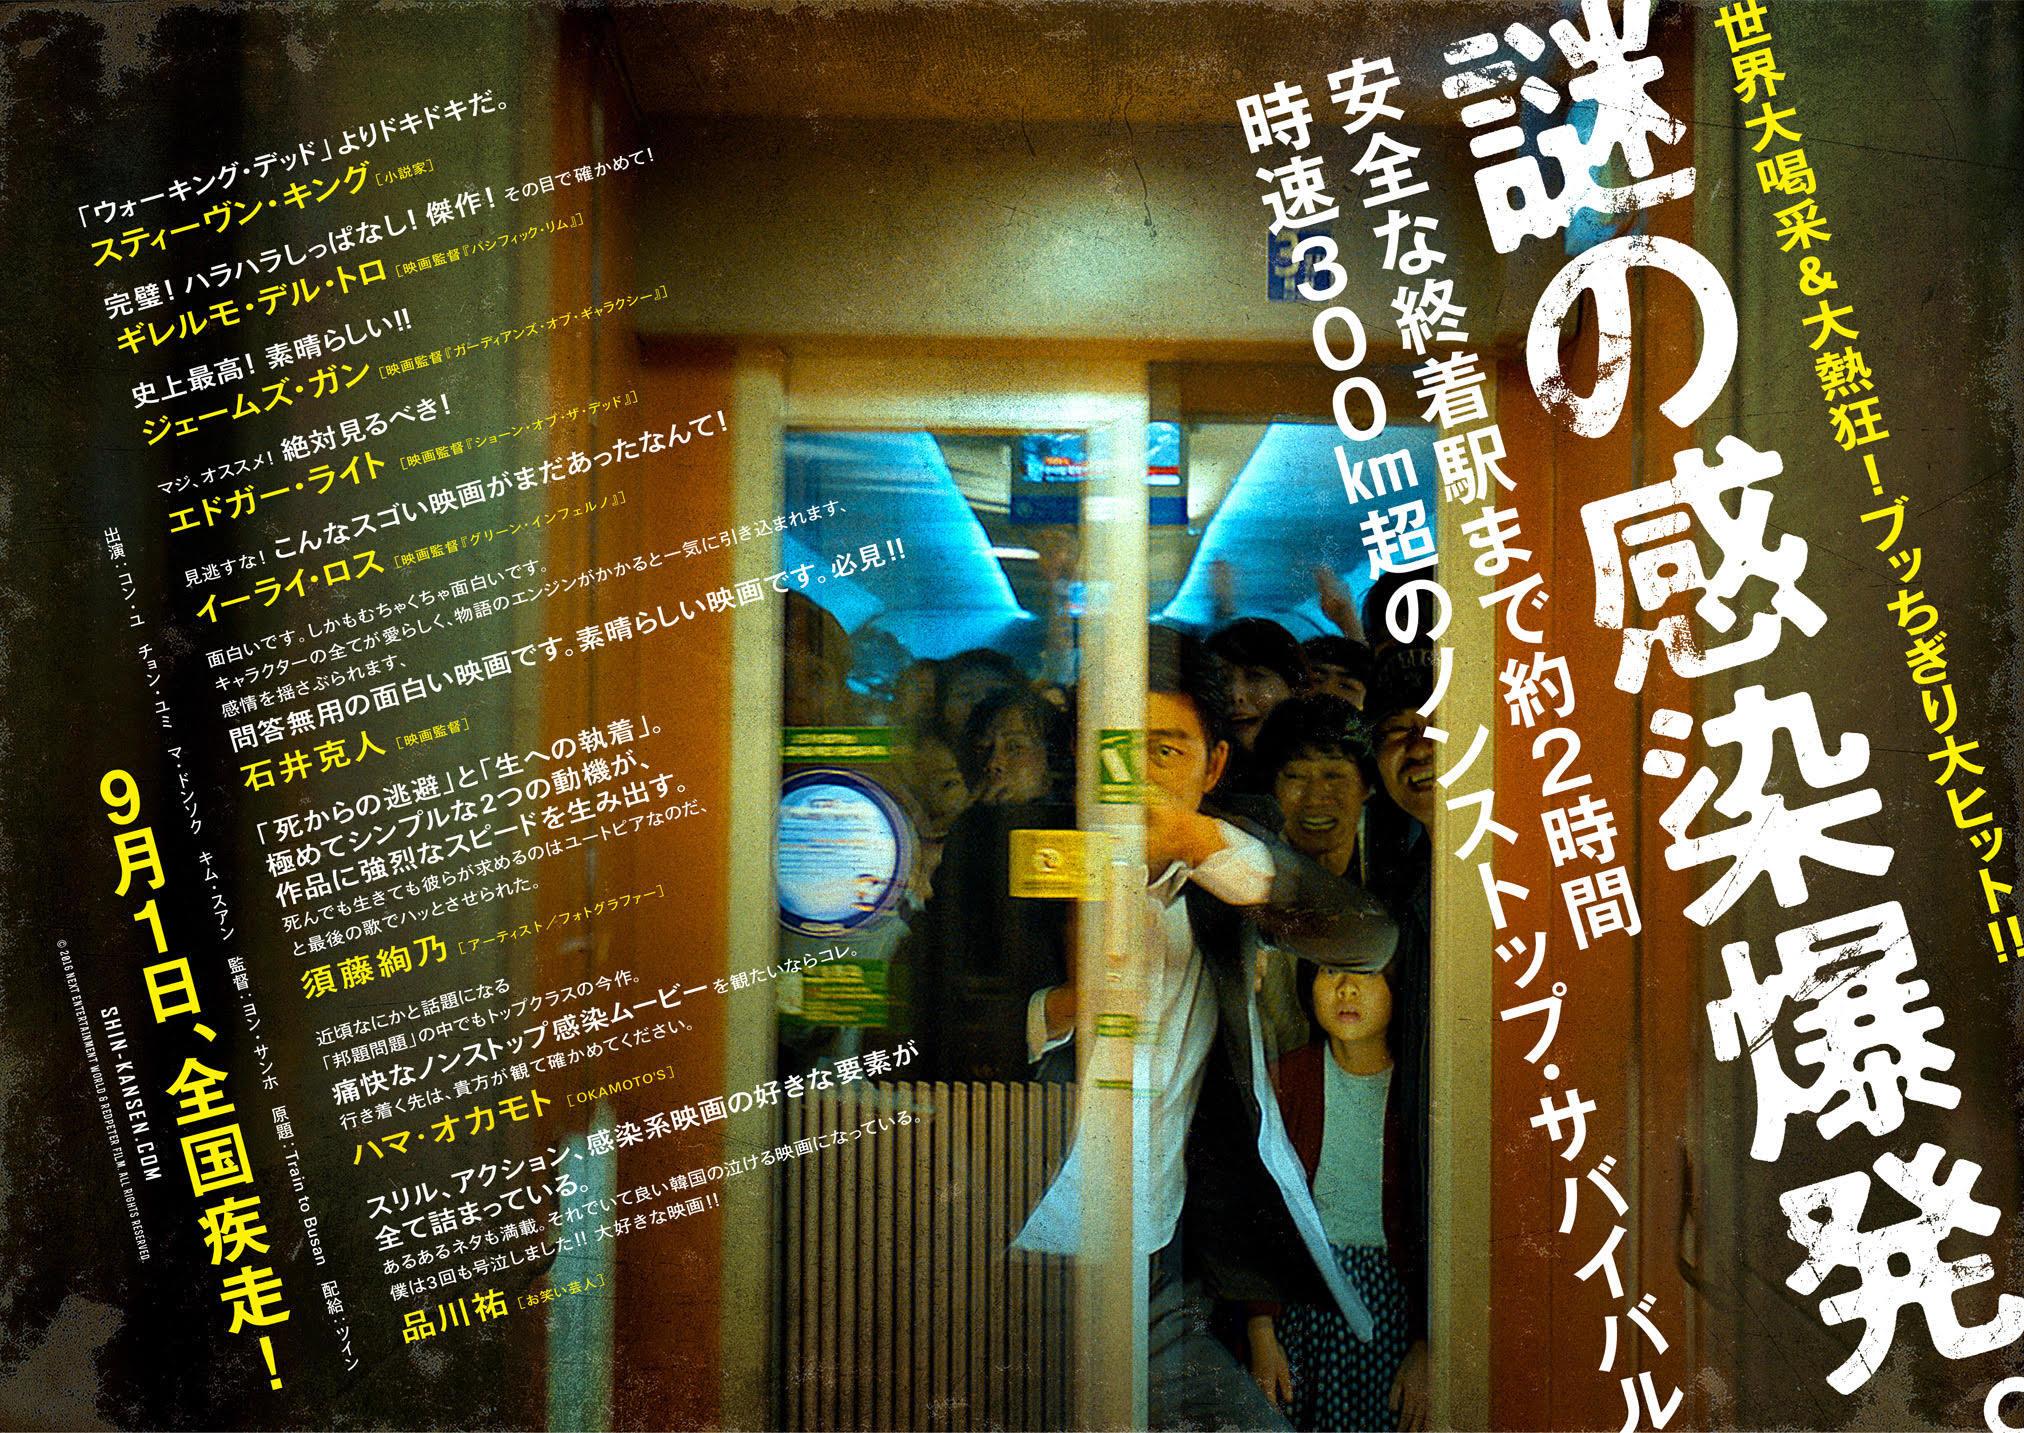 映画『新感染 ファイナル・エクスプレス』ティザービジュアル 裏 (C)2016 NEXT ENTERTAINMENT WORLD & REDPETER FILM. All Rights Reserved.